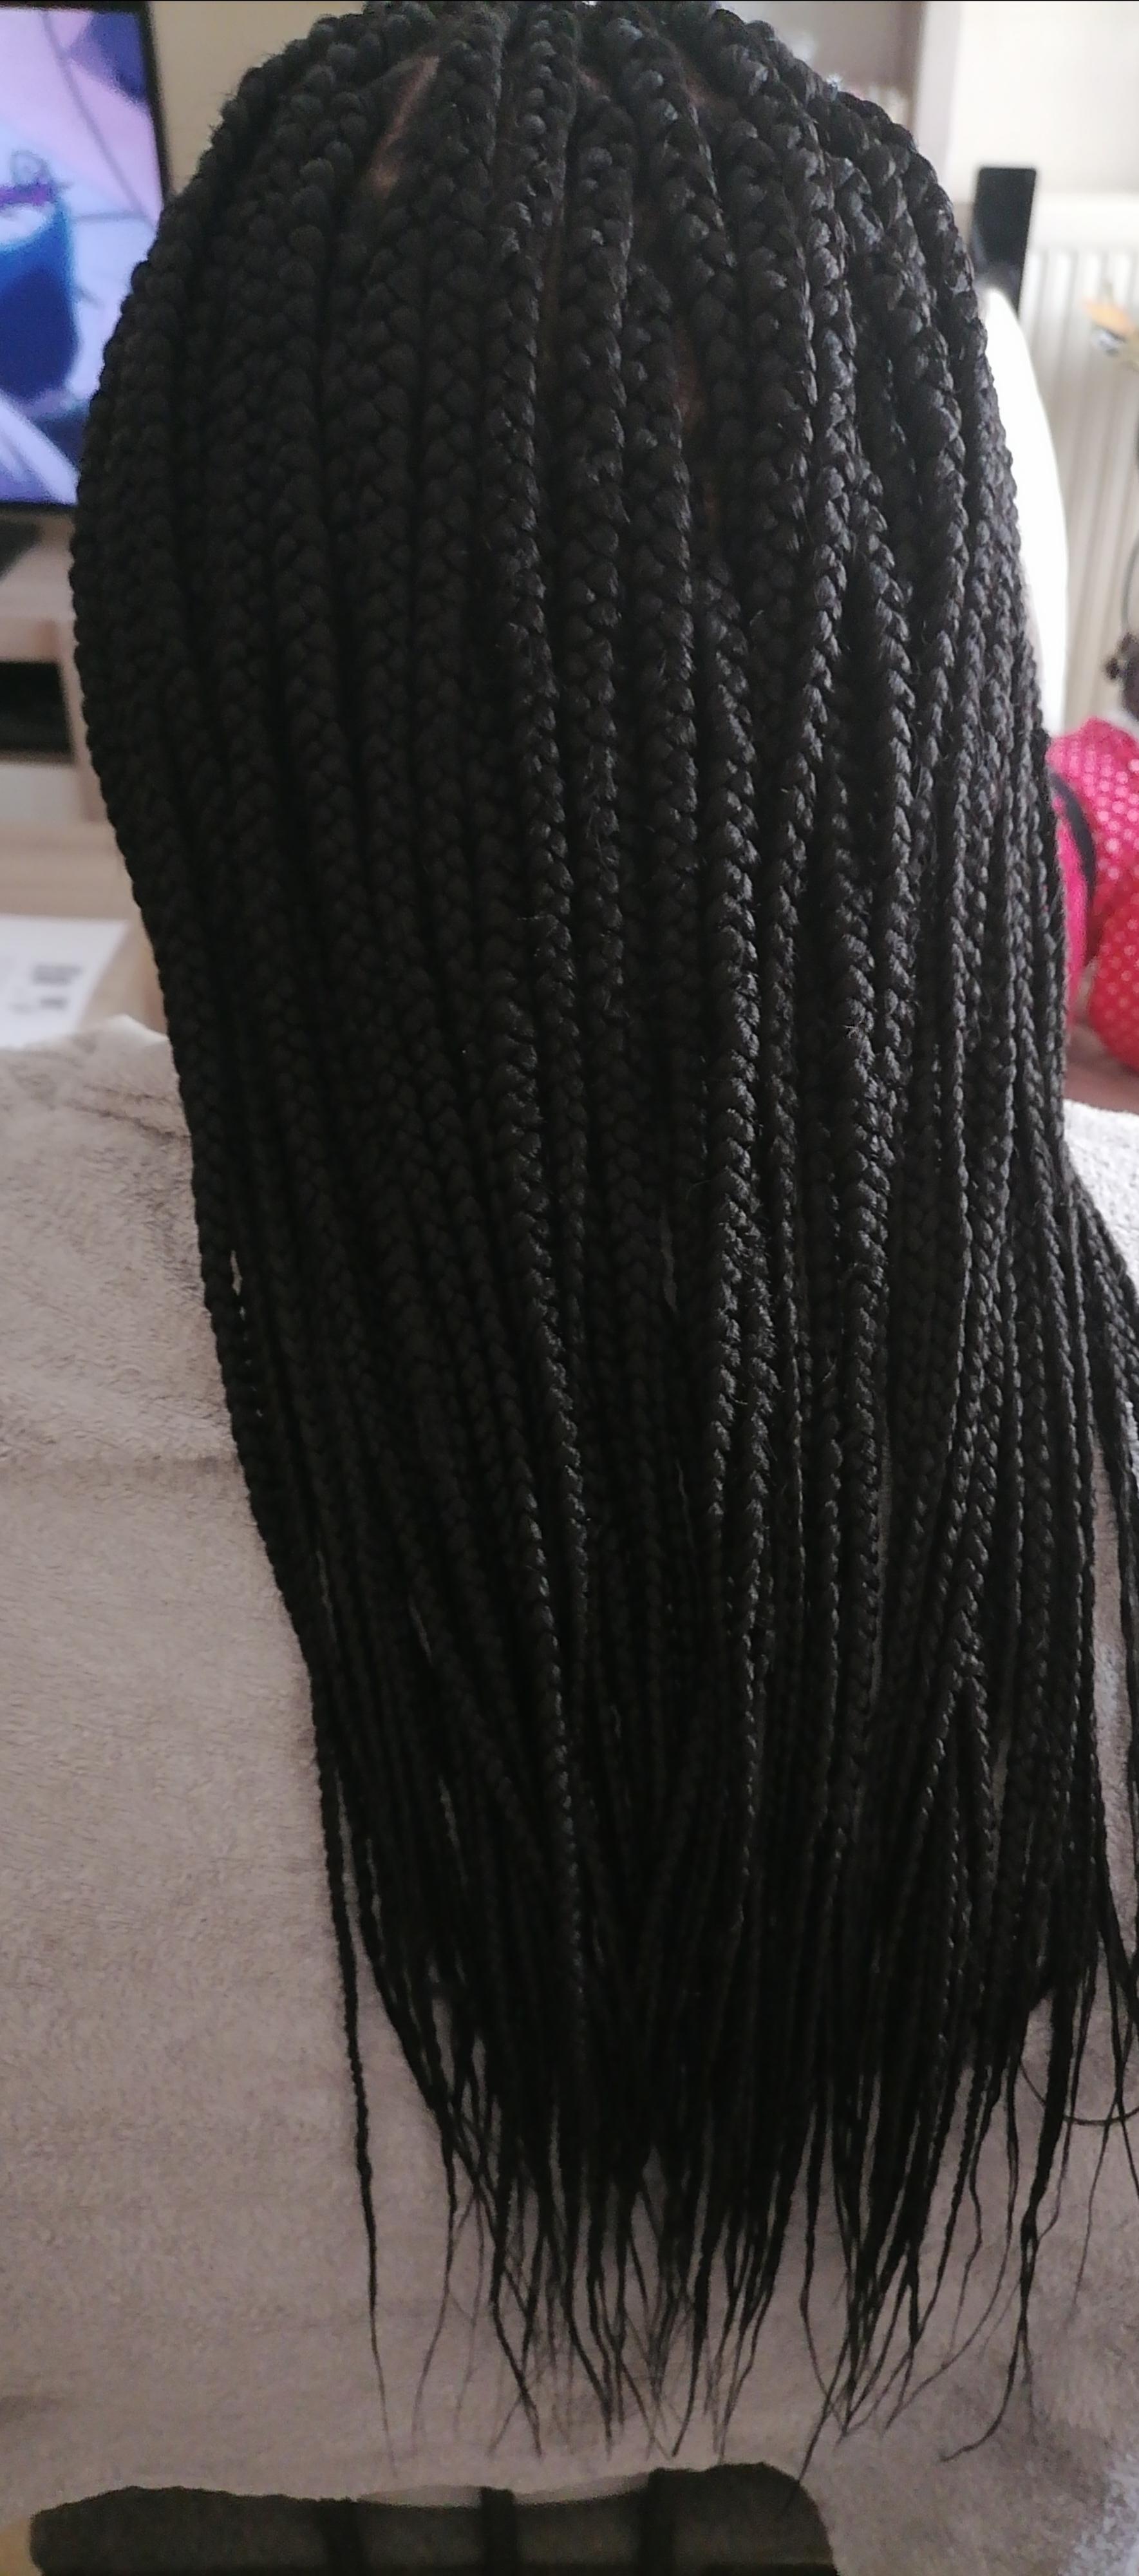 salon de coiffure afro tresse tresses box braids crochet braids vanilles tissages paris 75 77 78 91 92 93 94 95 STTLOFWO